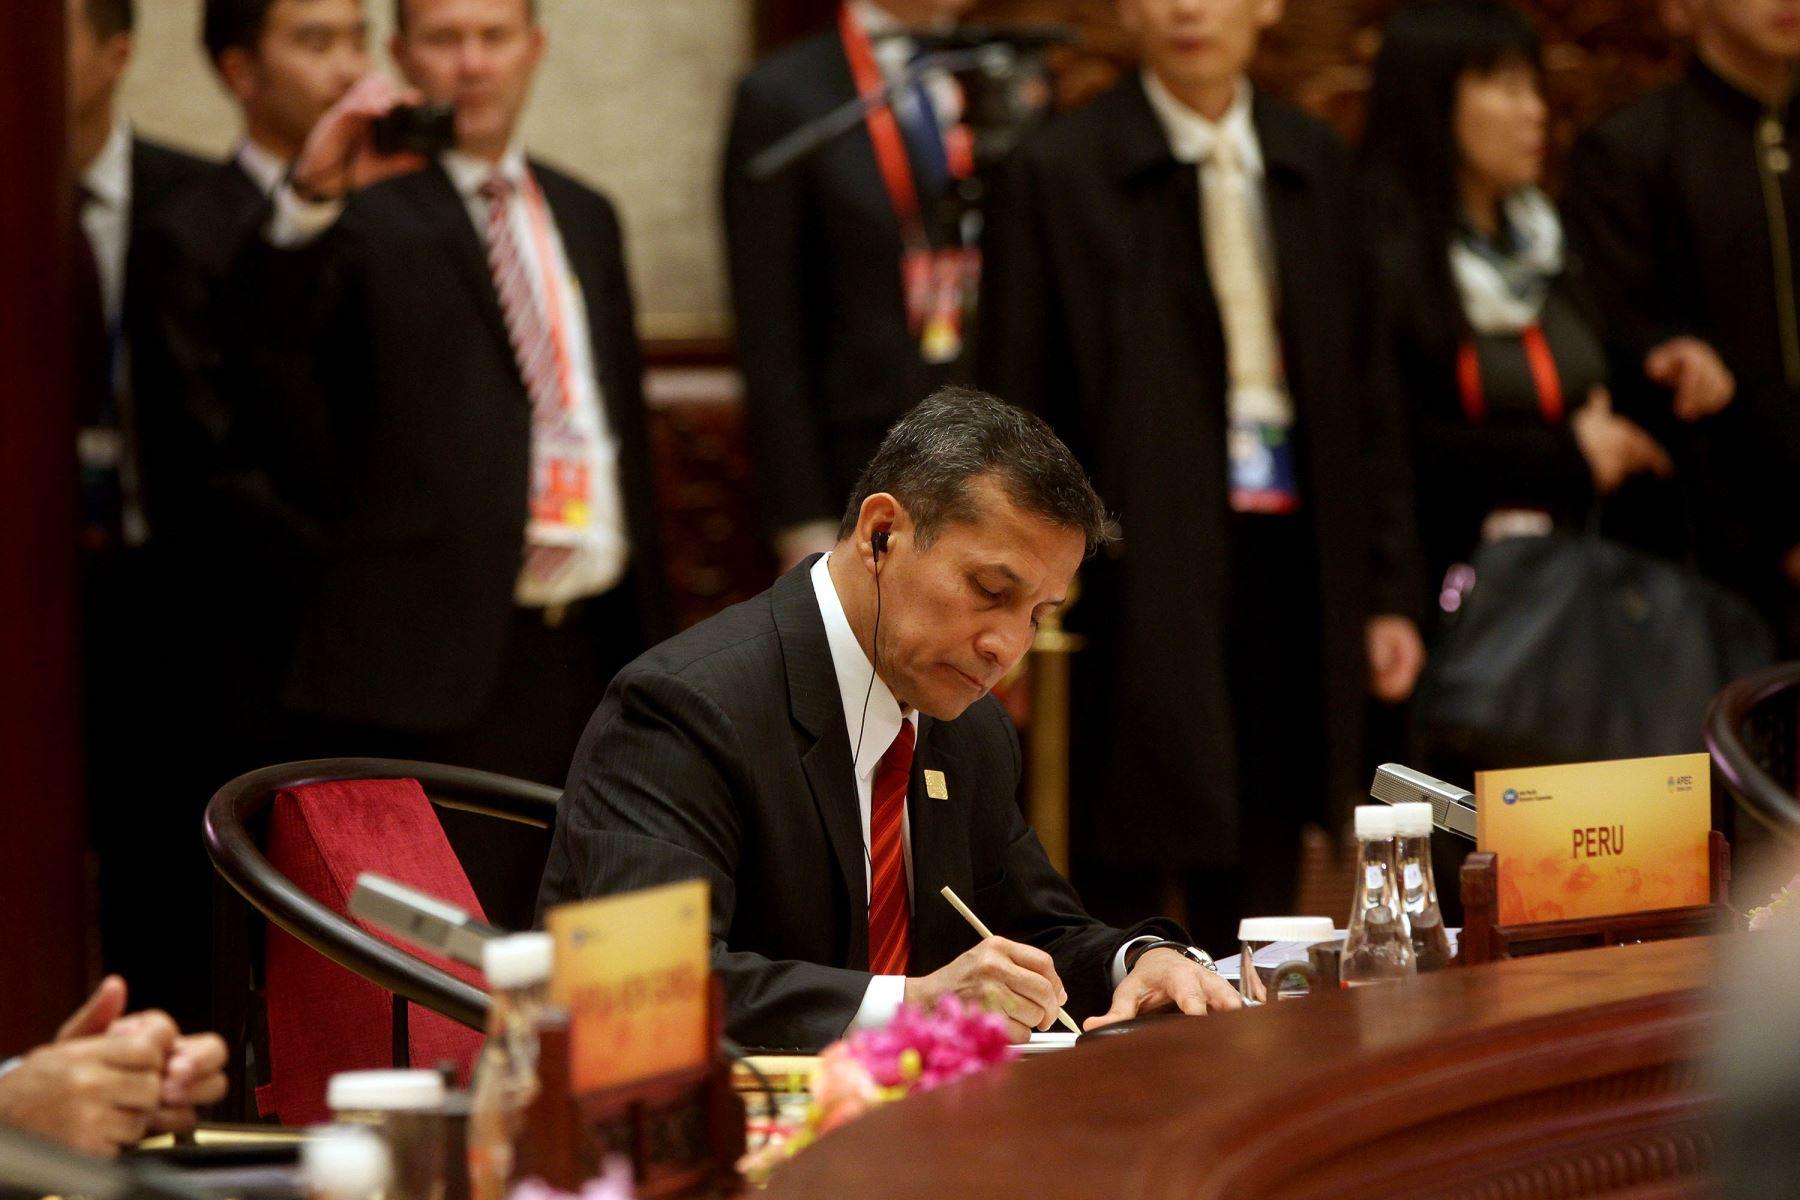 Participación del presidente Ollanta Humala en el inicio de la primera reunión plenaria de los líderes de APEC en Beijing. ANDINA/Prensa Presidencia